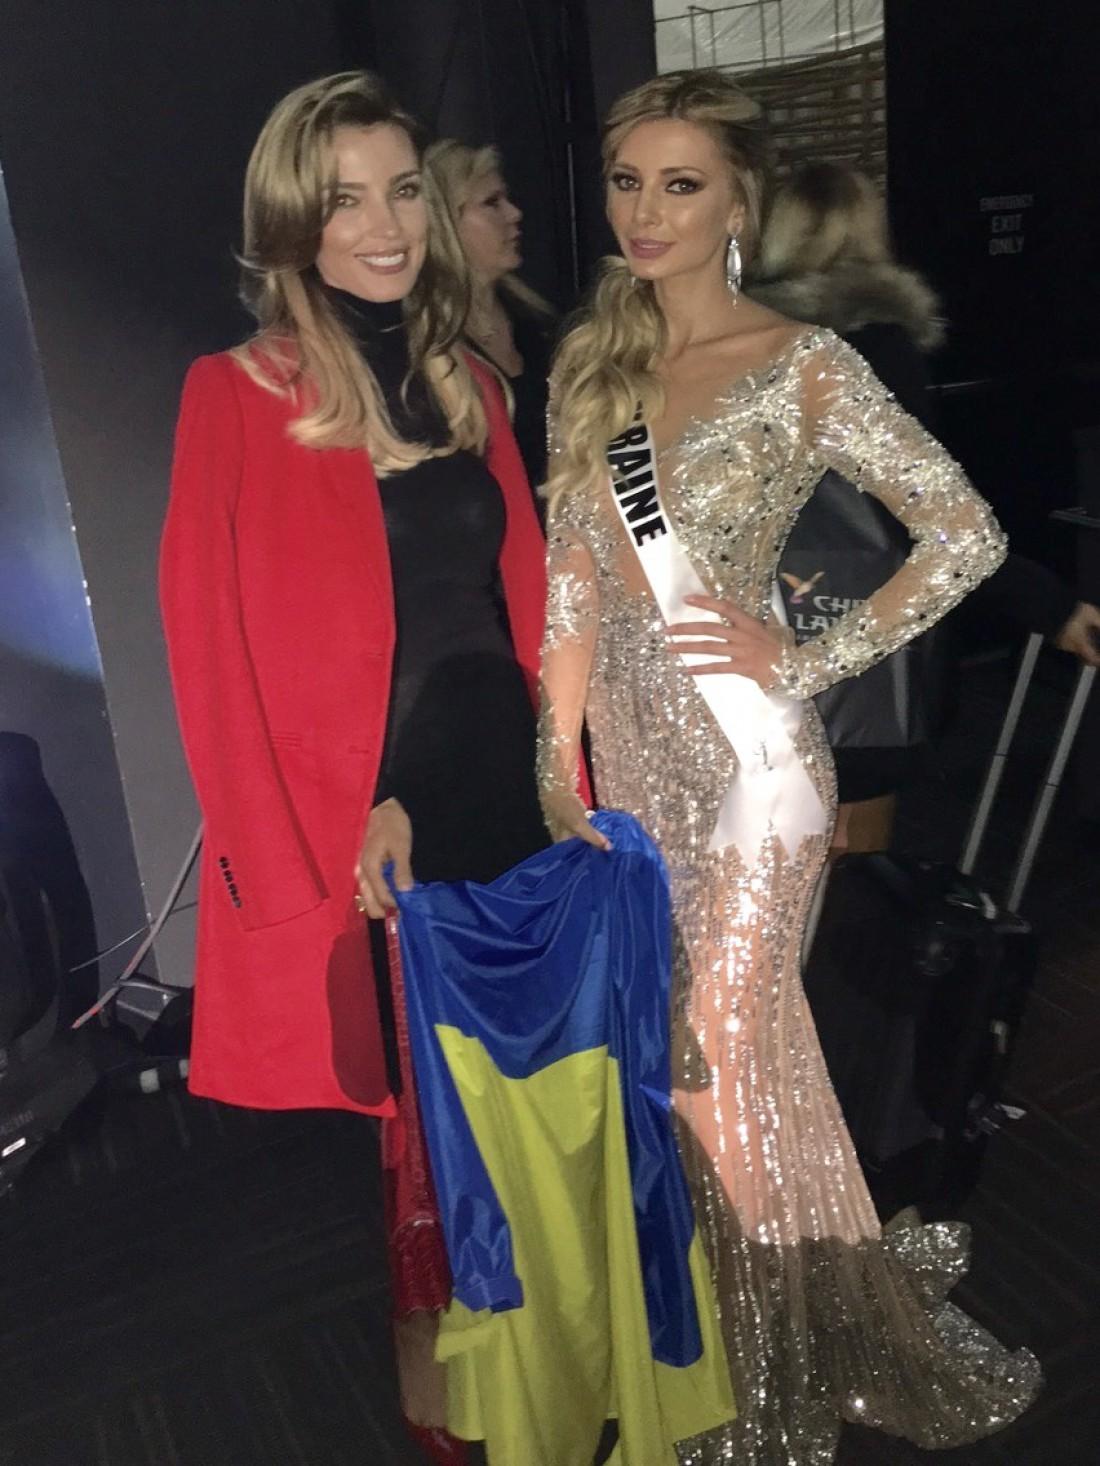 Поддержать Анну приехала владелица конкурса Мисс Украина Вселенная Александра Раффин с супругом